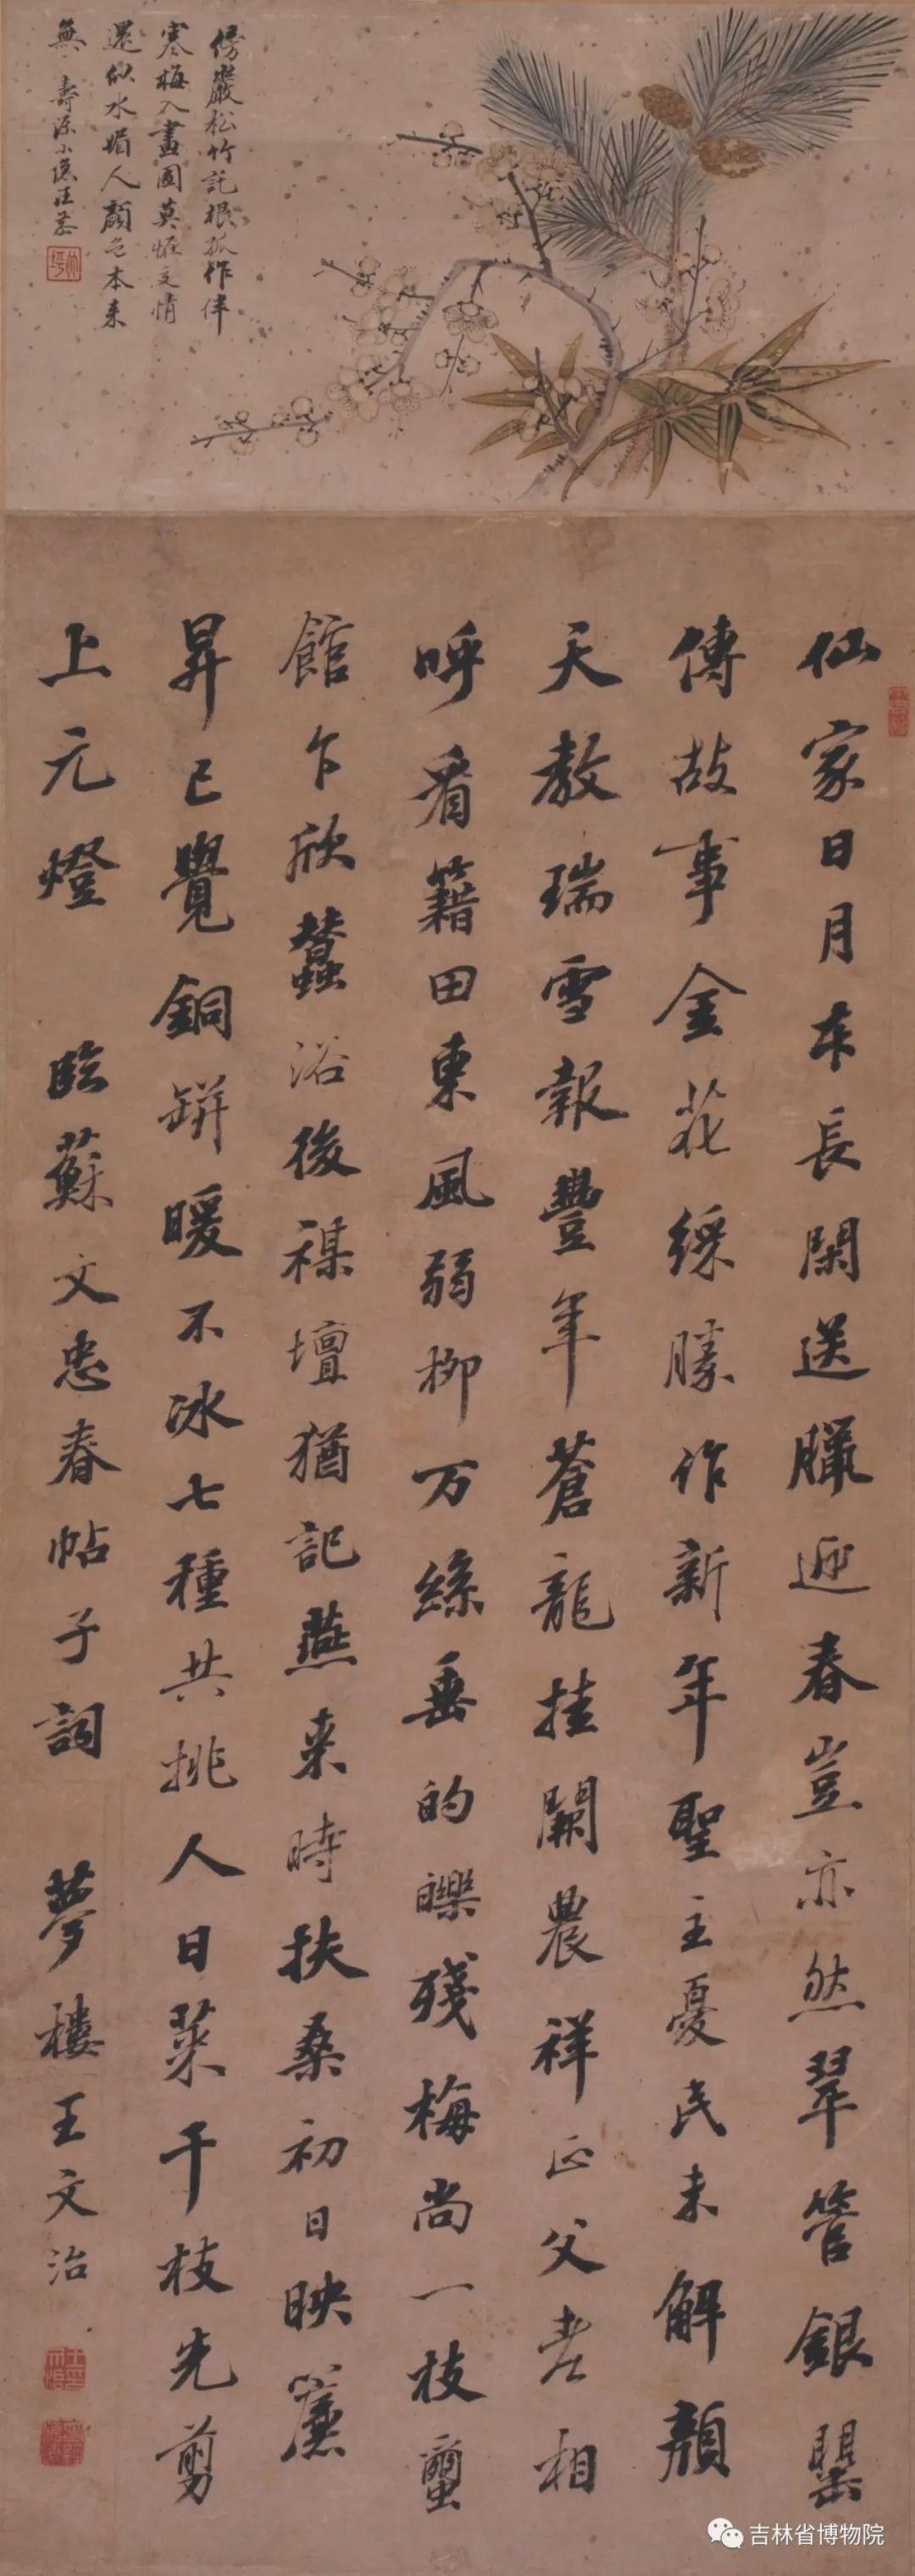 清 王文治《诗堂岁寒三友行书苏轼词》轴 纵113厘米 横40厘米